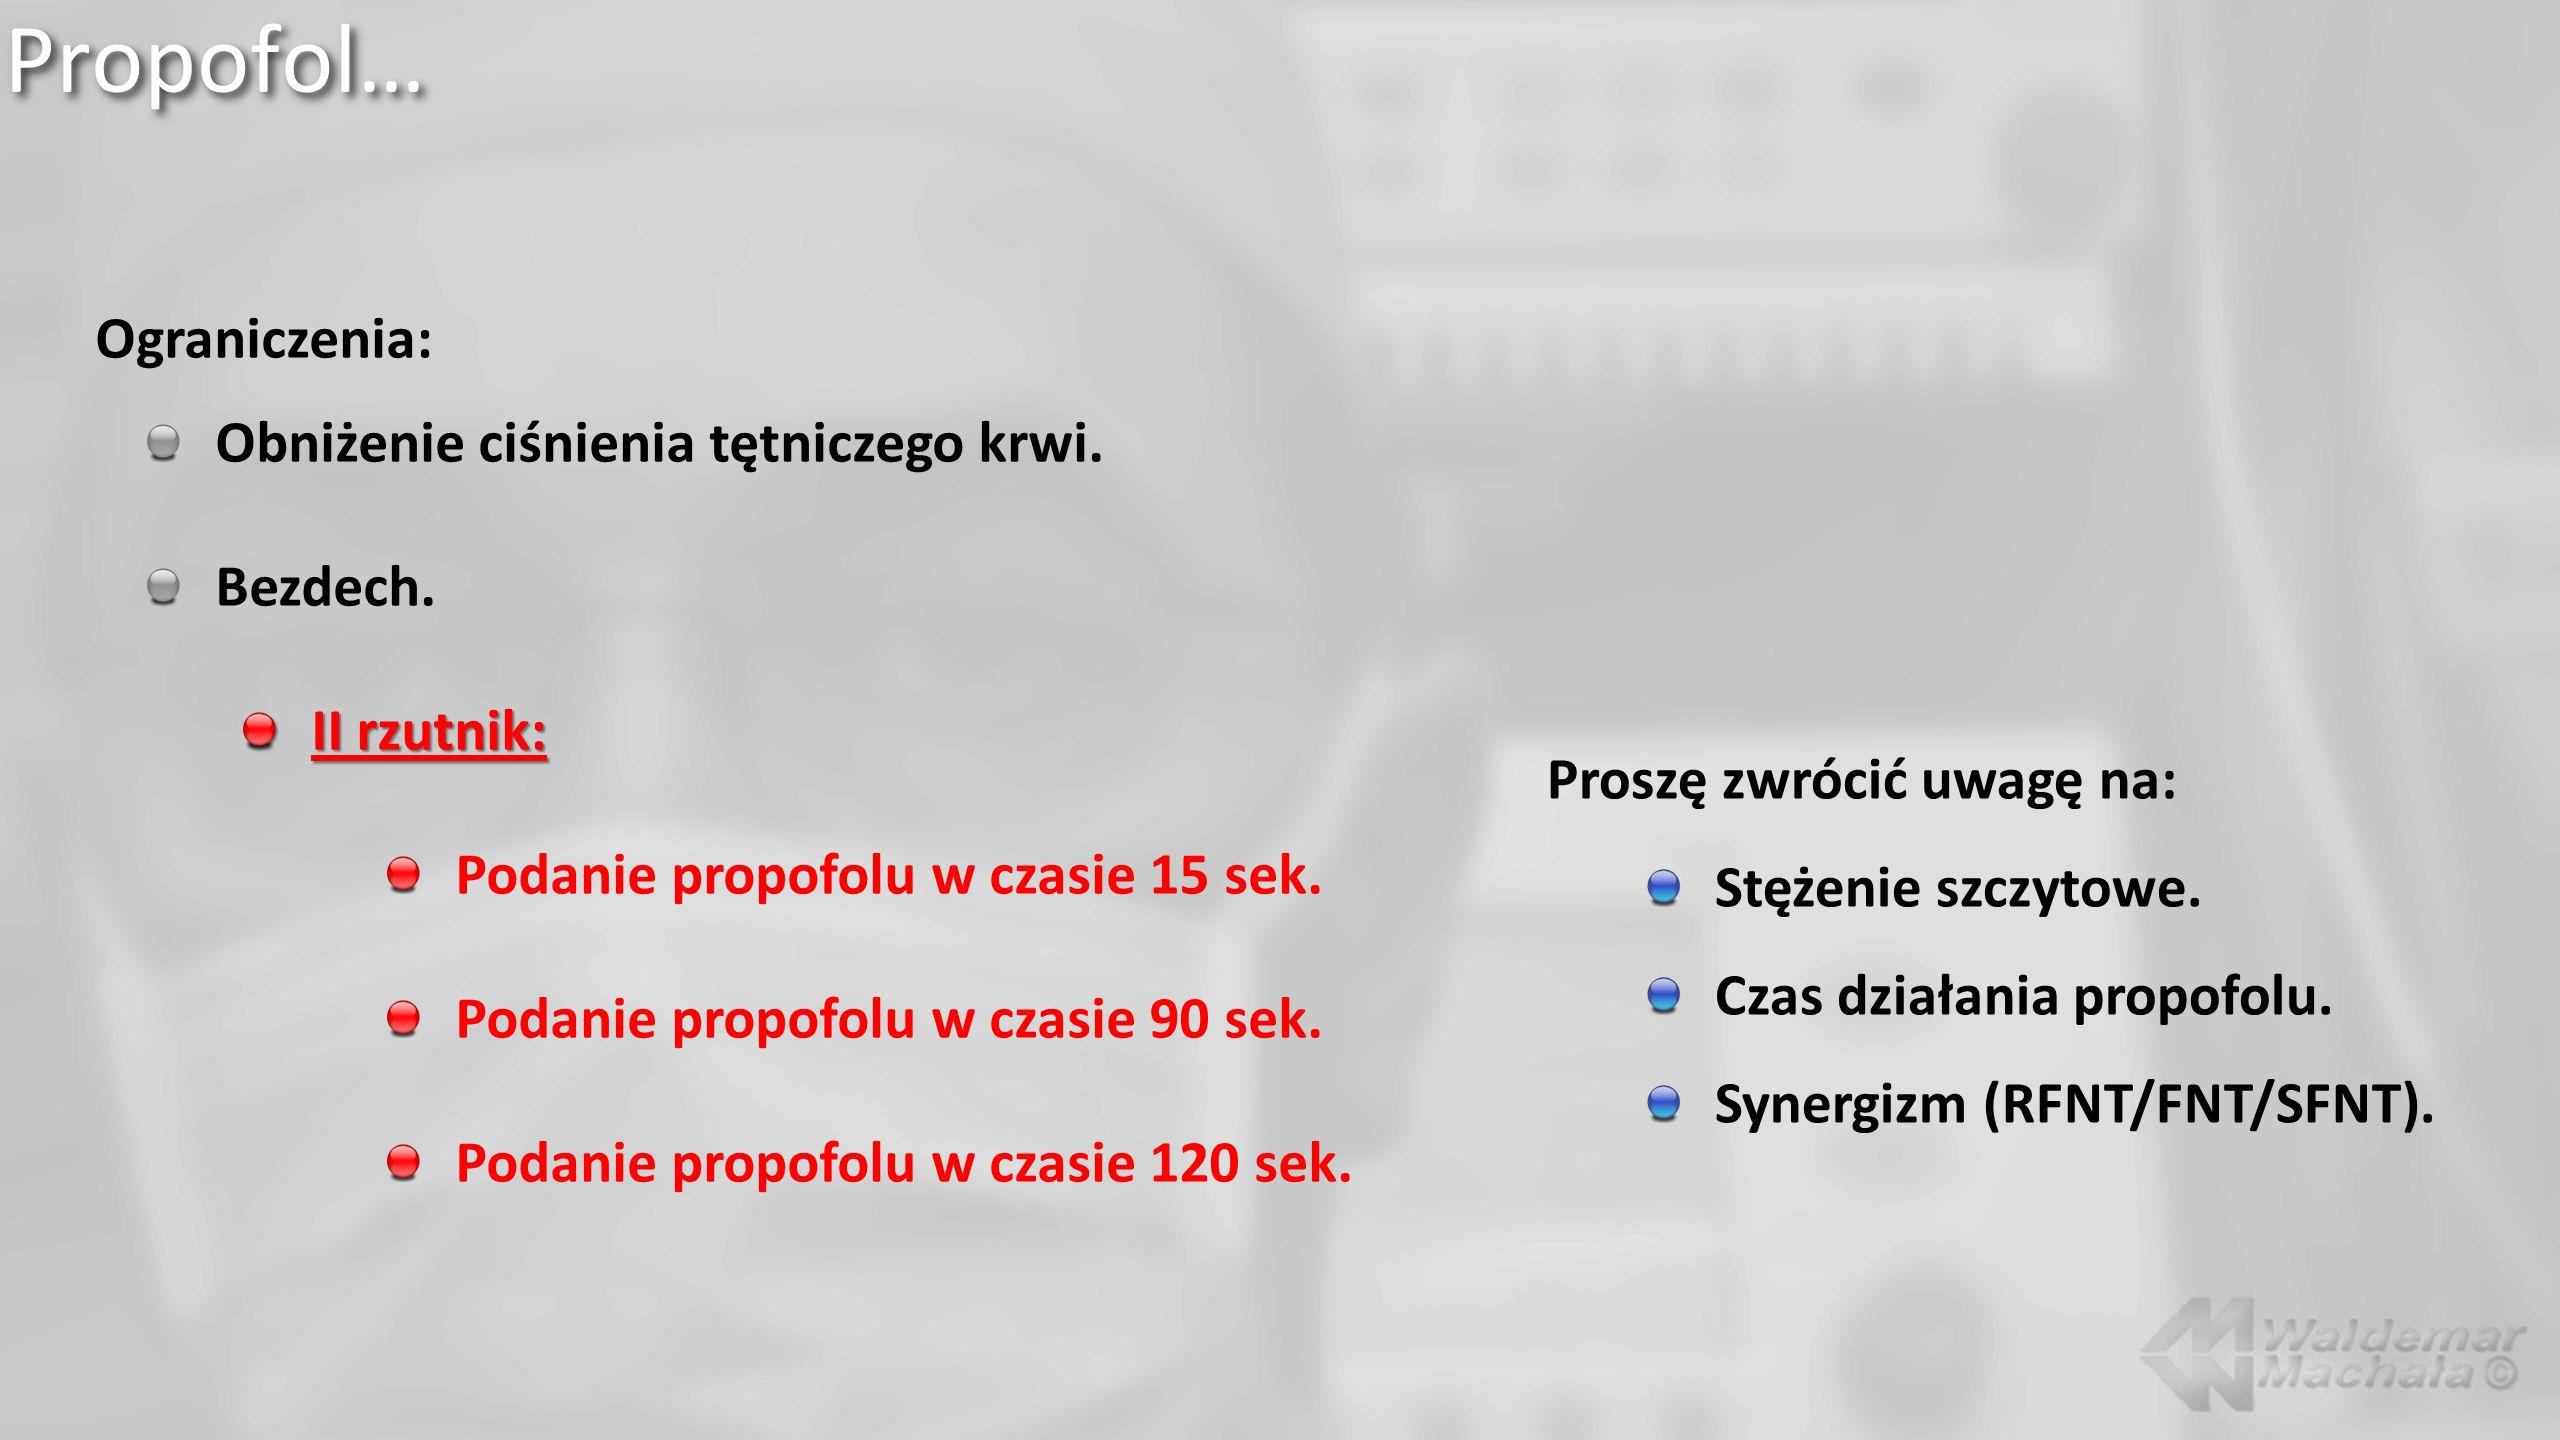 Propofol… Ograniczenia: Obniżenie ciśnienia tętniczego krwi. Bezdech. II rzutnik: Podanie propofolu w czasie 15 sek. Podanie propofolu w czasie 90 sek